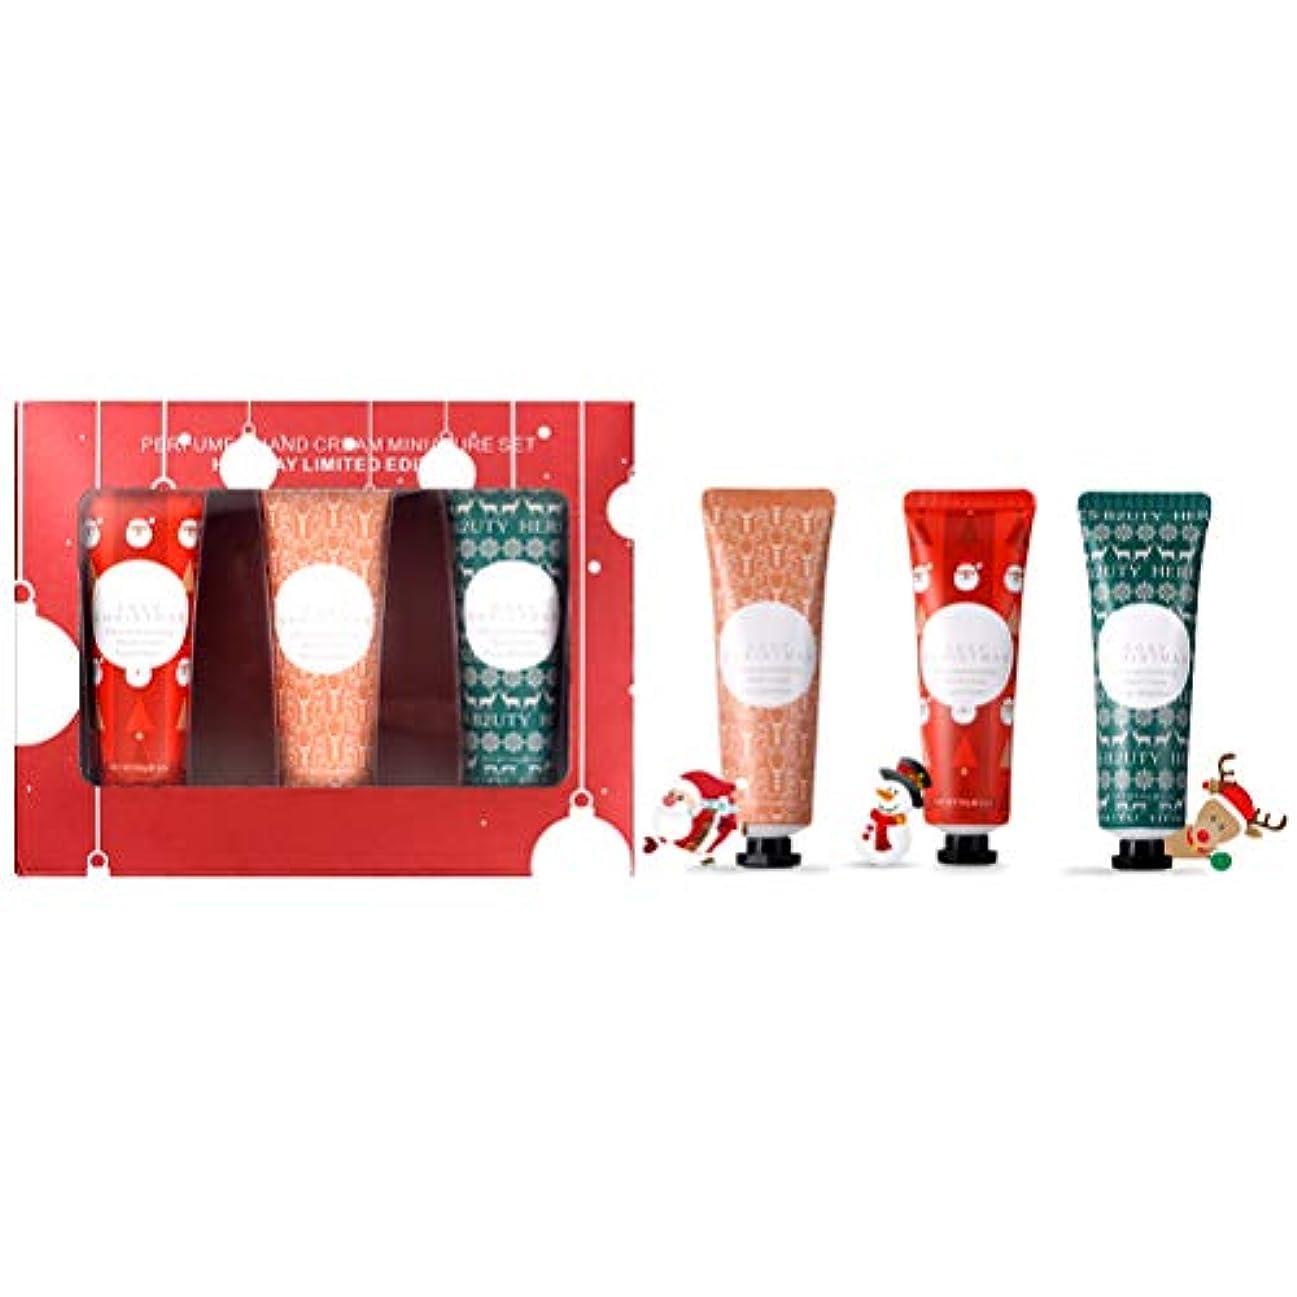 新しい意味ペッカディロヤングBlight 3Pcsハンドクリーム 保湿ハンドクリーム ハンドケア クリスマスハンドクリーム クリスマスプレゼント